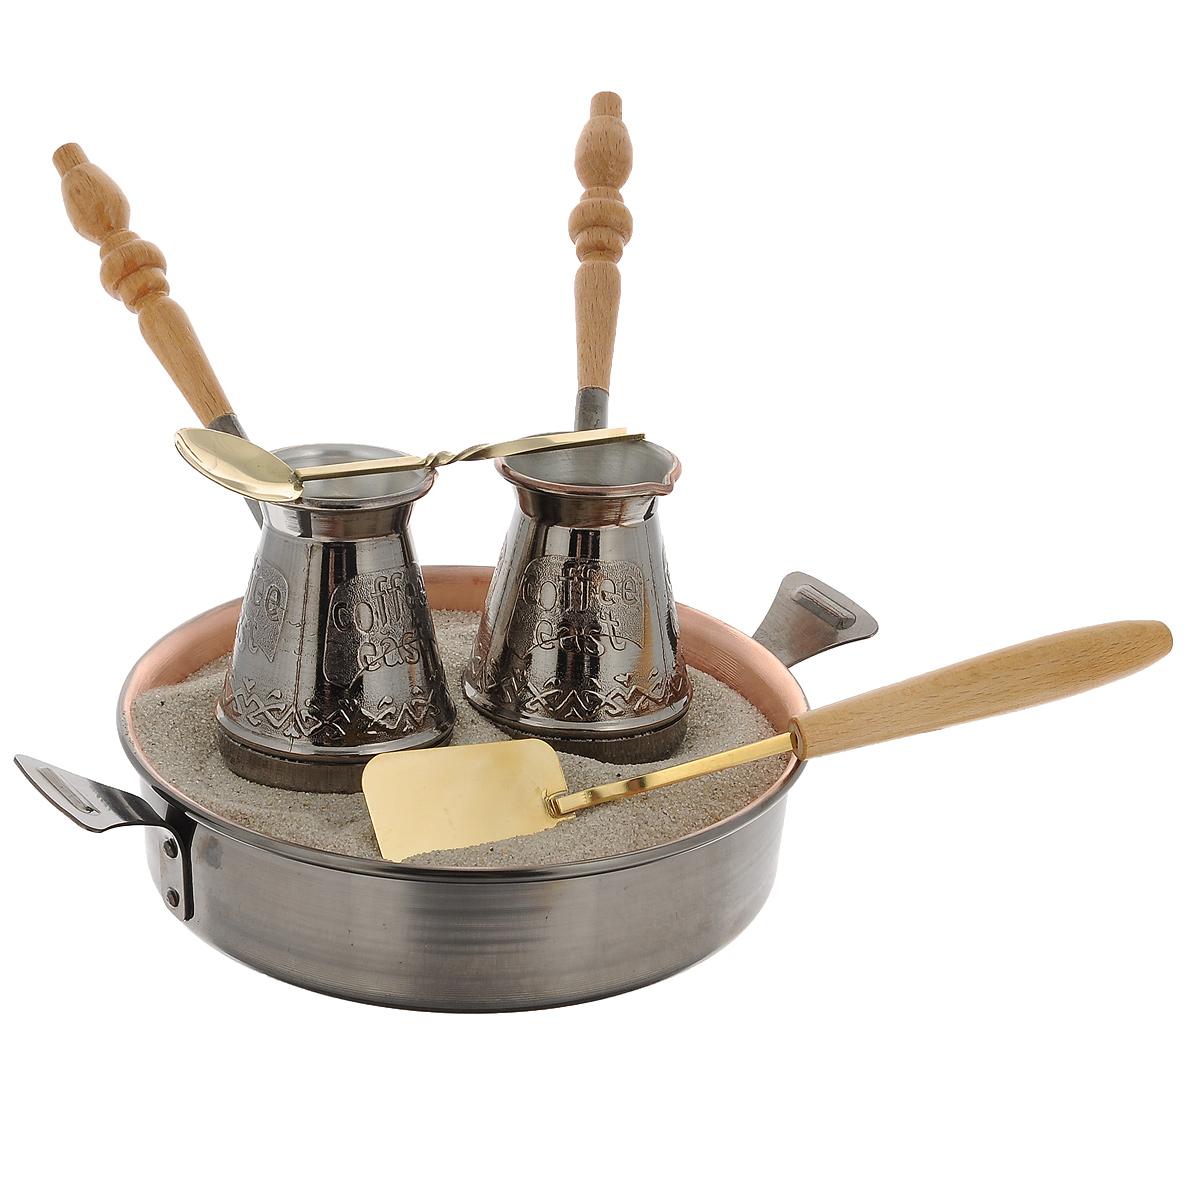 Набор турецкий Станица Тет-а-Тет, 6 предметов115510Приготовление кофе по-восточному на песке - одна из древнейших традиций в истории кофе. Сегодня она вновь обретает все большую популярность во всем мире. Турецкий набор Станица Тет-а-Тет предназначен для приготовления кофе на песке. В набор входит все необходимое для приготовления: две медные турки, песок, ложка кофейная, лопатка для песка и жаровня.Кофе по-восточному можно приготовить в домашних условиях, как на газовой, так и на электрической или керамической плите. Сваренный таким образом кофе обладает особым неповторимым вкусом, а также увлекает зрелищностью процесса приготовления.Объем турки: 180 мл. Диаметр турки: 6,5 см. Длина ложки: 19 см. Длина лопатки: 24 см. Диаметр жаровни: 19 см. Длина жаровни (с учетом ручек): 26 см. Высота стенки: 5 см.